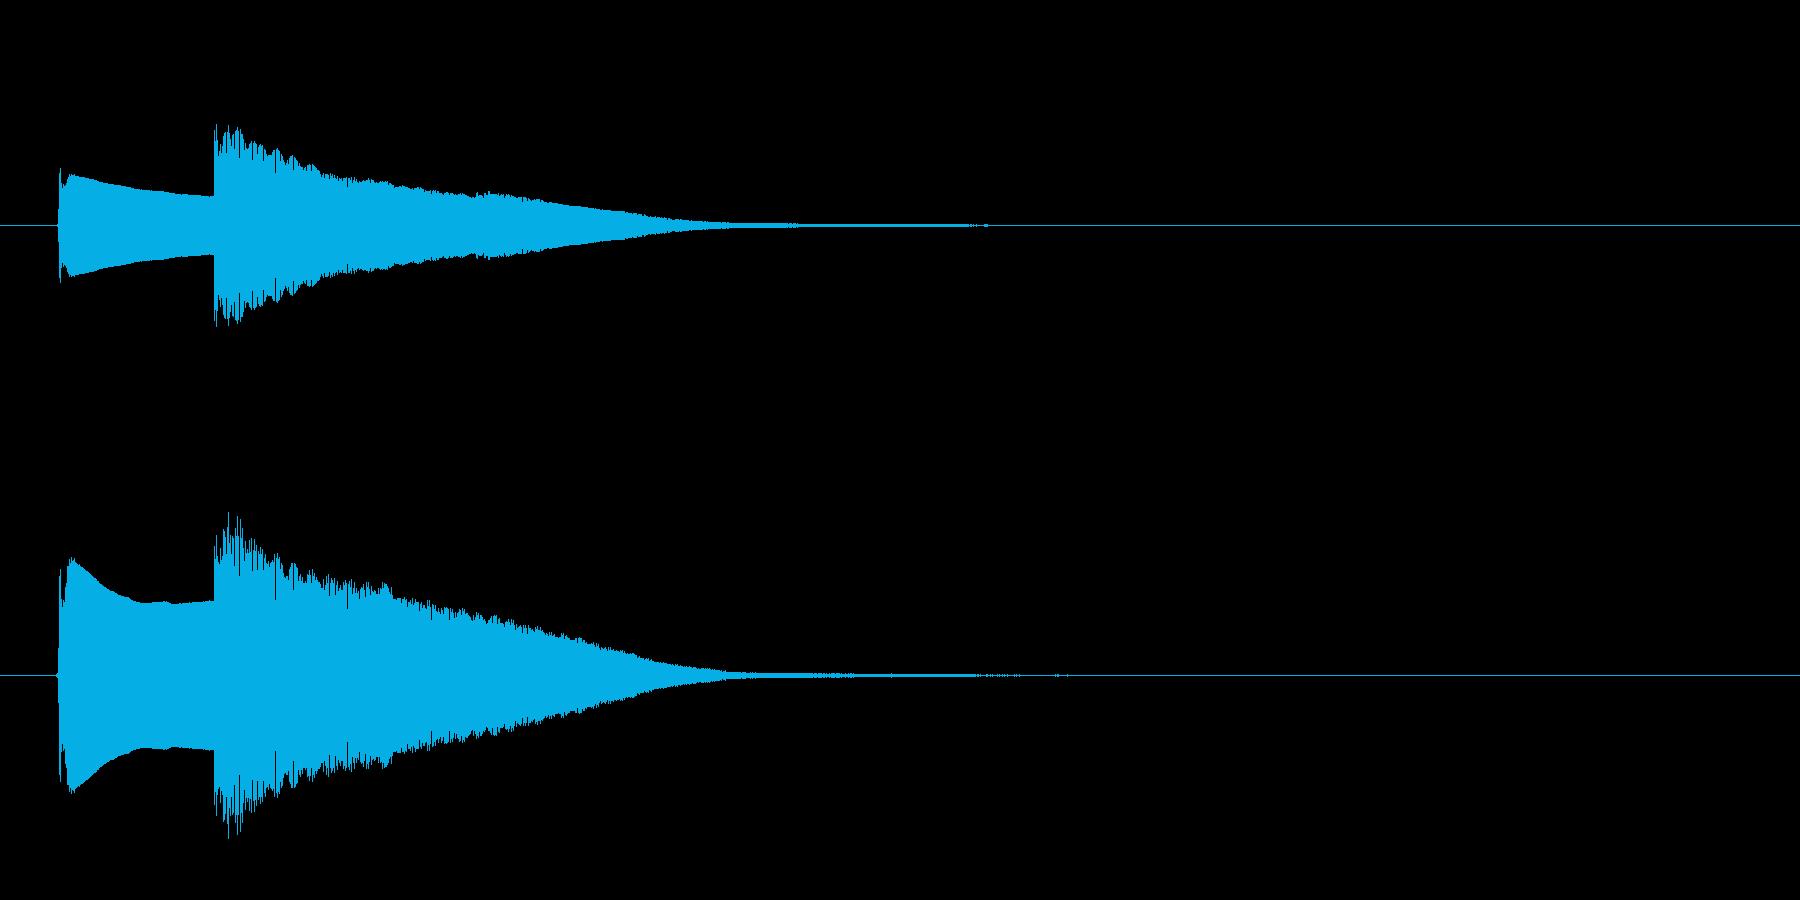 クイズ正解音(ピンポン)2の再生済みの波形